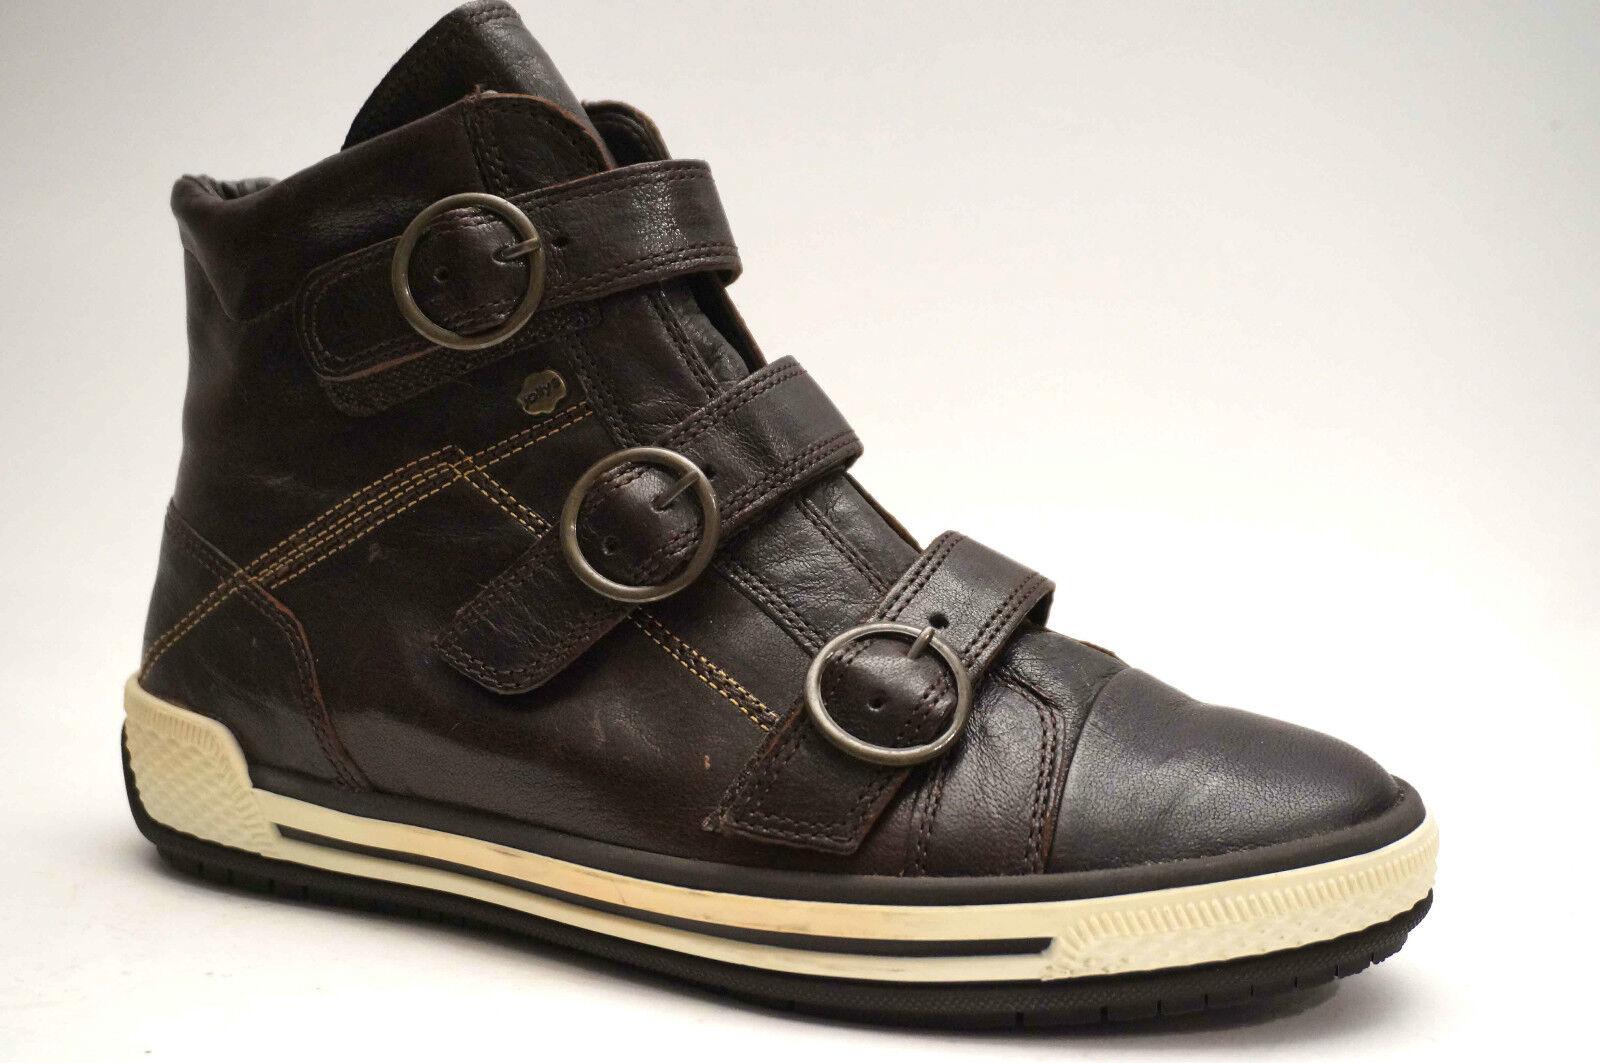 2072gabor zapatos botines velcro tamaño 37 () oscuro marrón de cuero botas